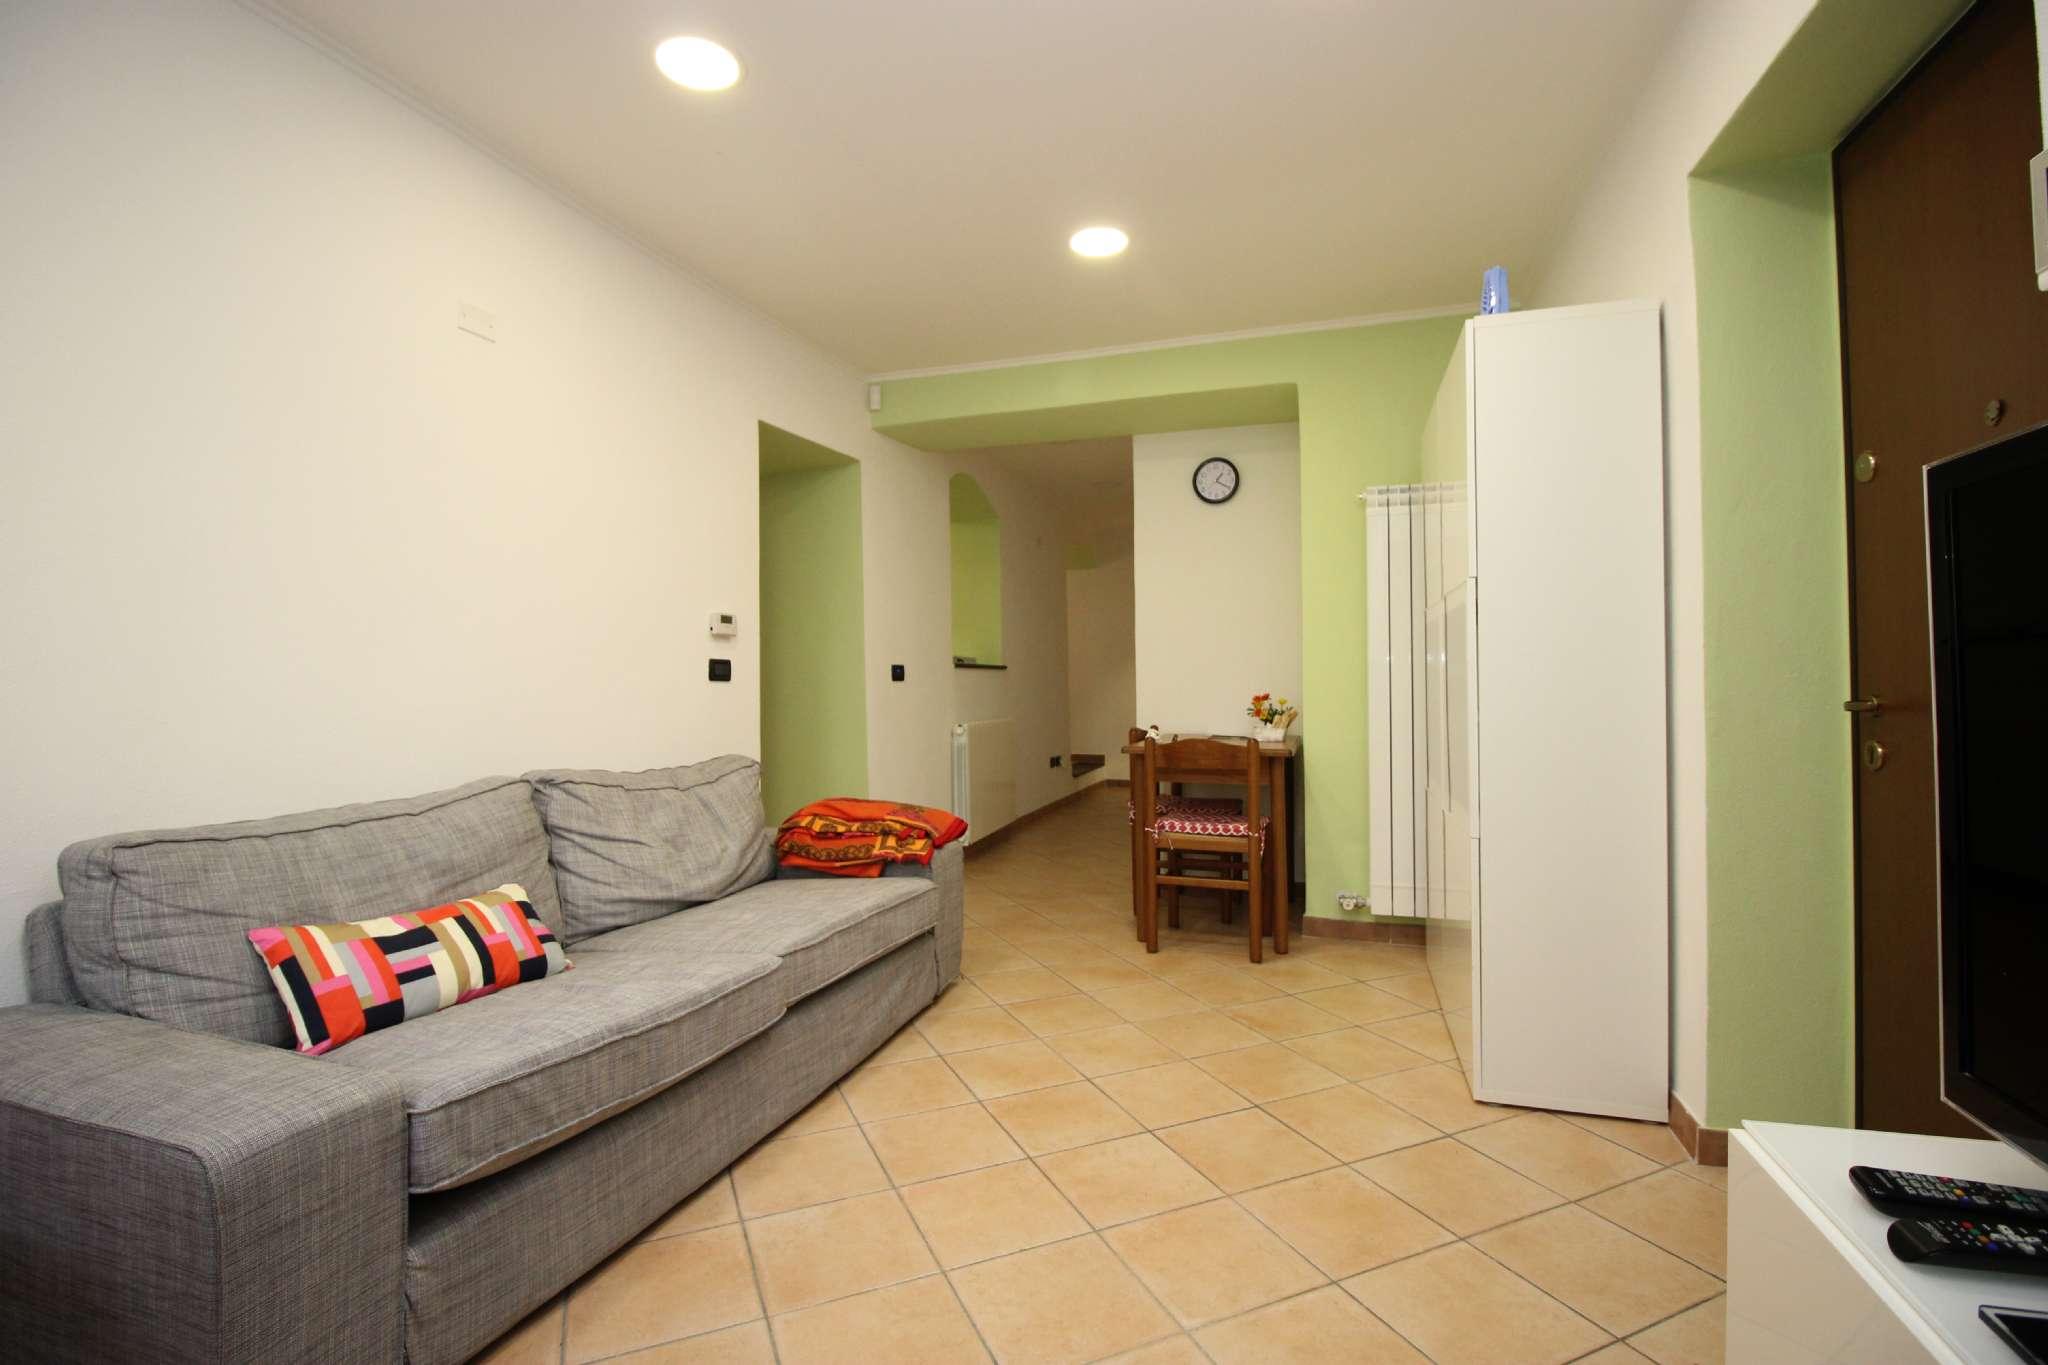 Appartamento in vendita a Ortovero, 3 locali, prezzo € 95.000 | CambioCasa.it